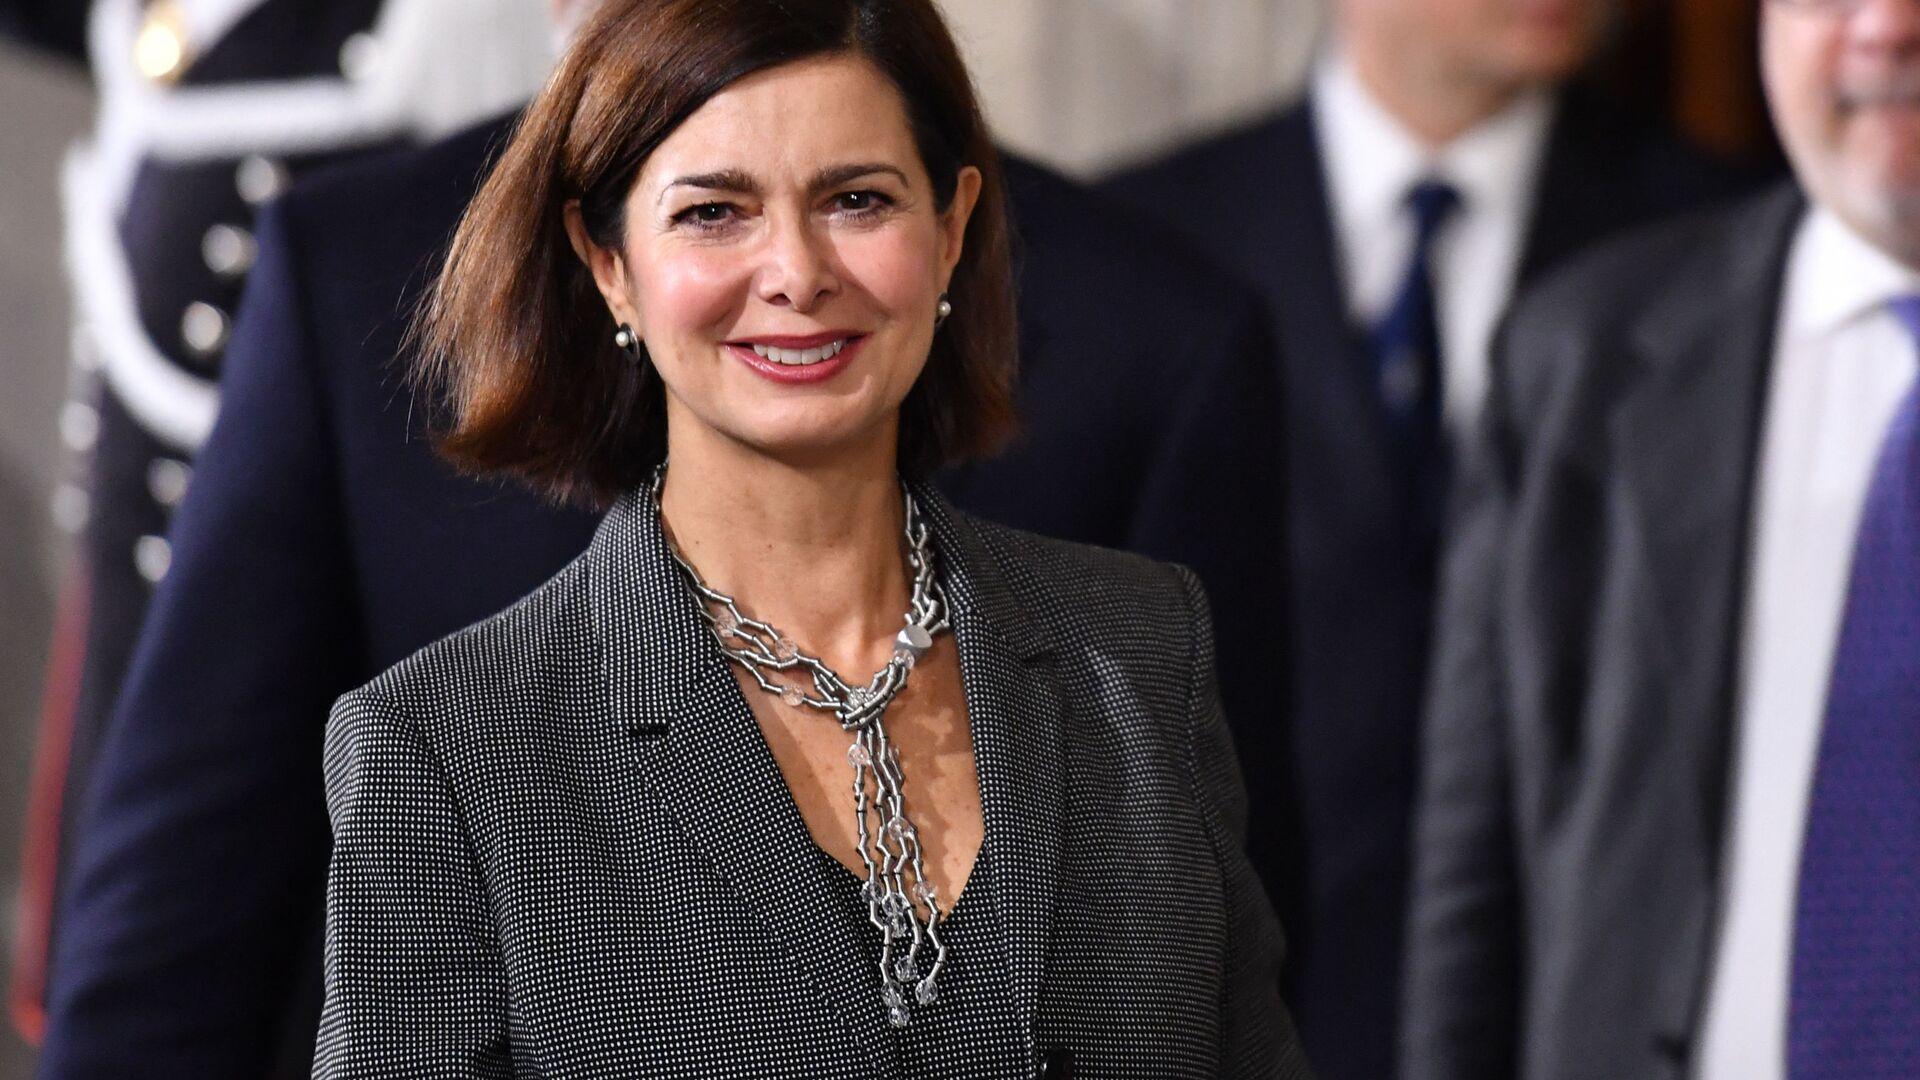 Laura Boldrini, politica italiana, già funzionaria internazionale delle Nazioni Unite e Presidente della Camera dei deputati - Sputnik Italia, 1920, 02.07.2021